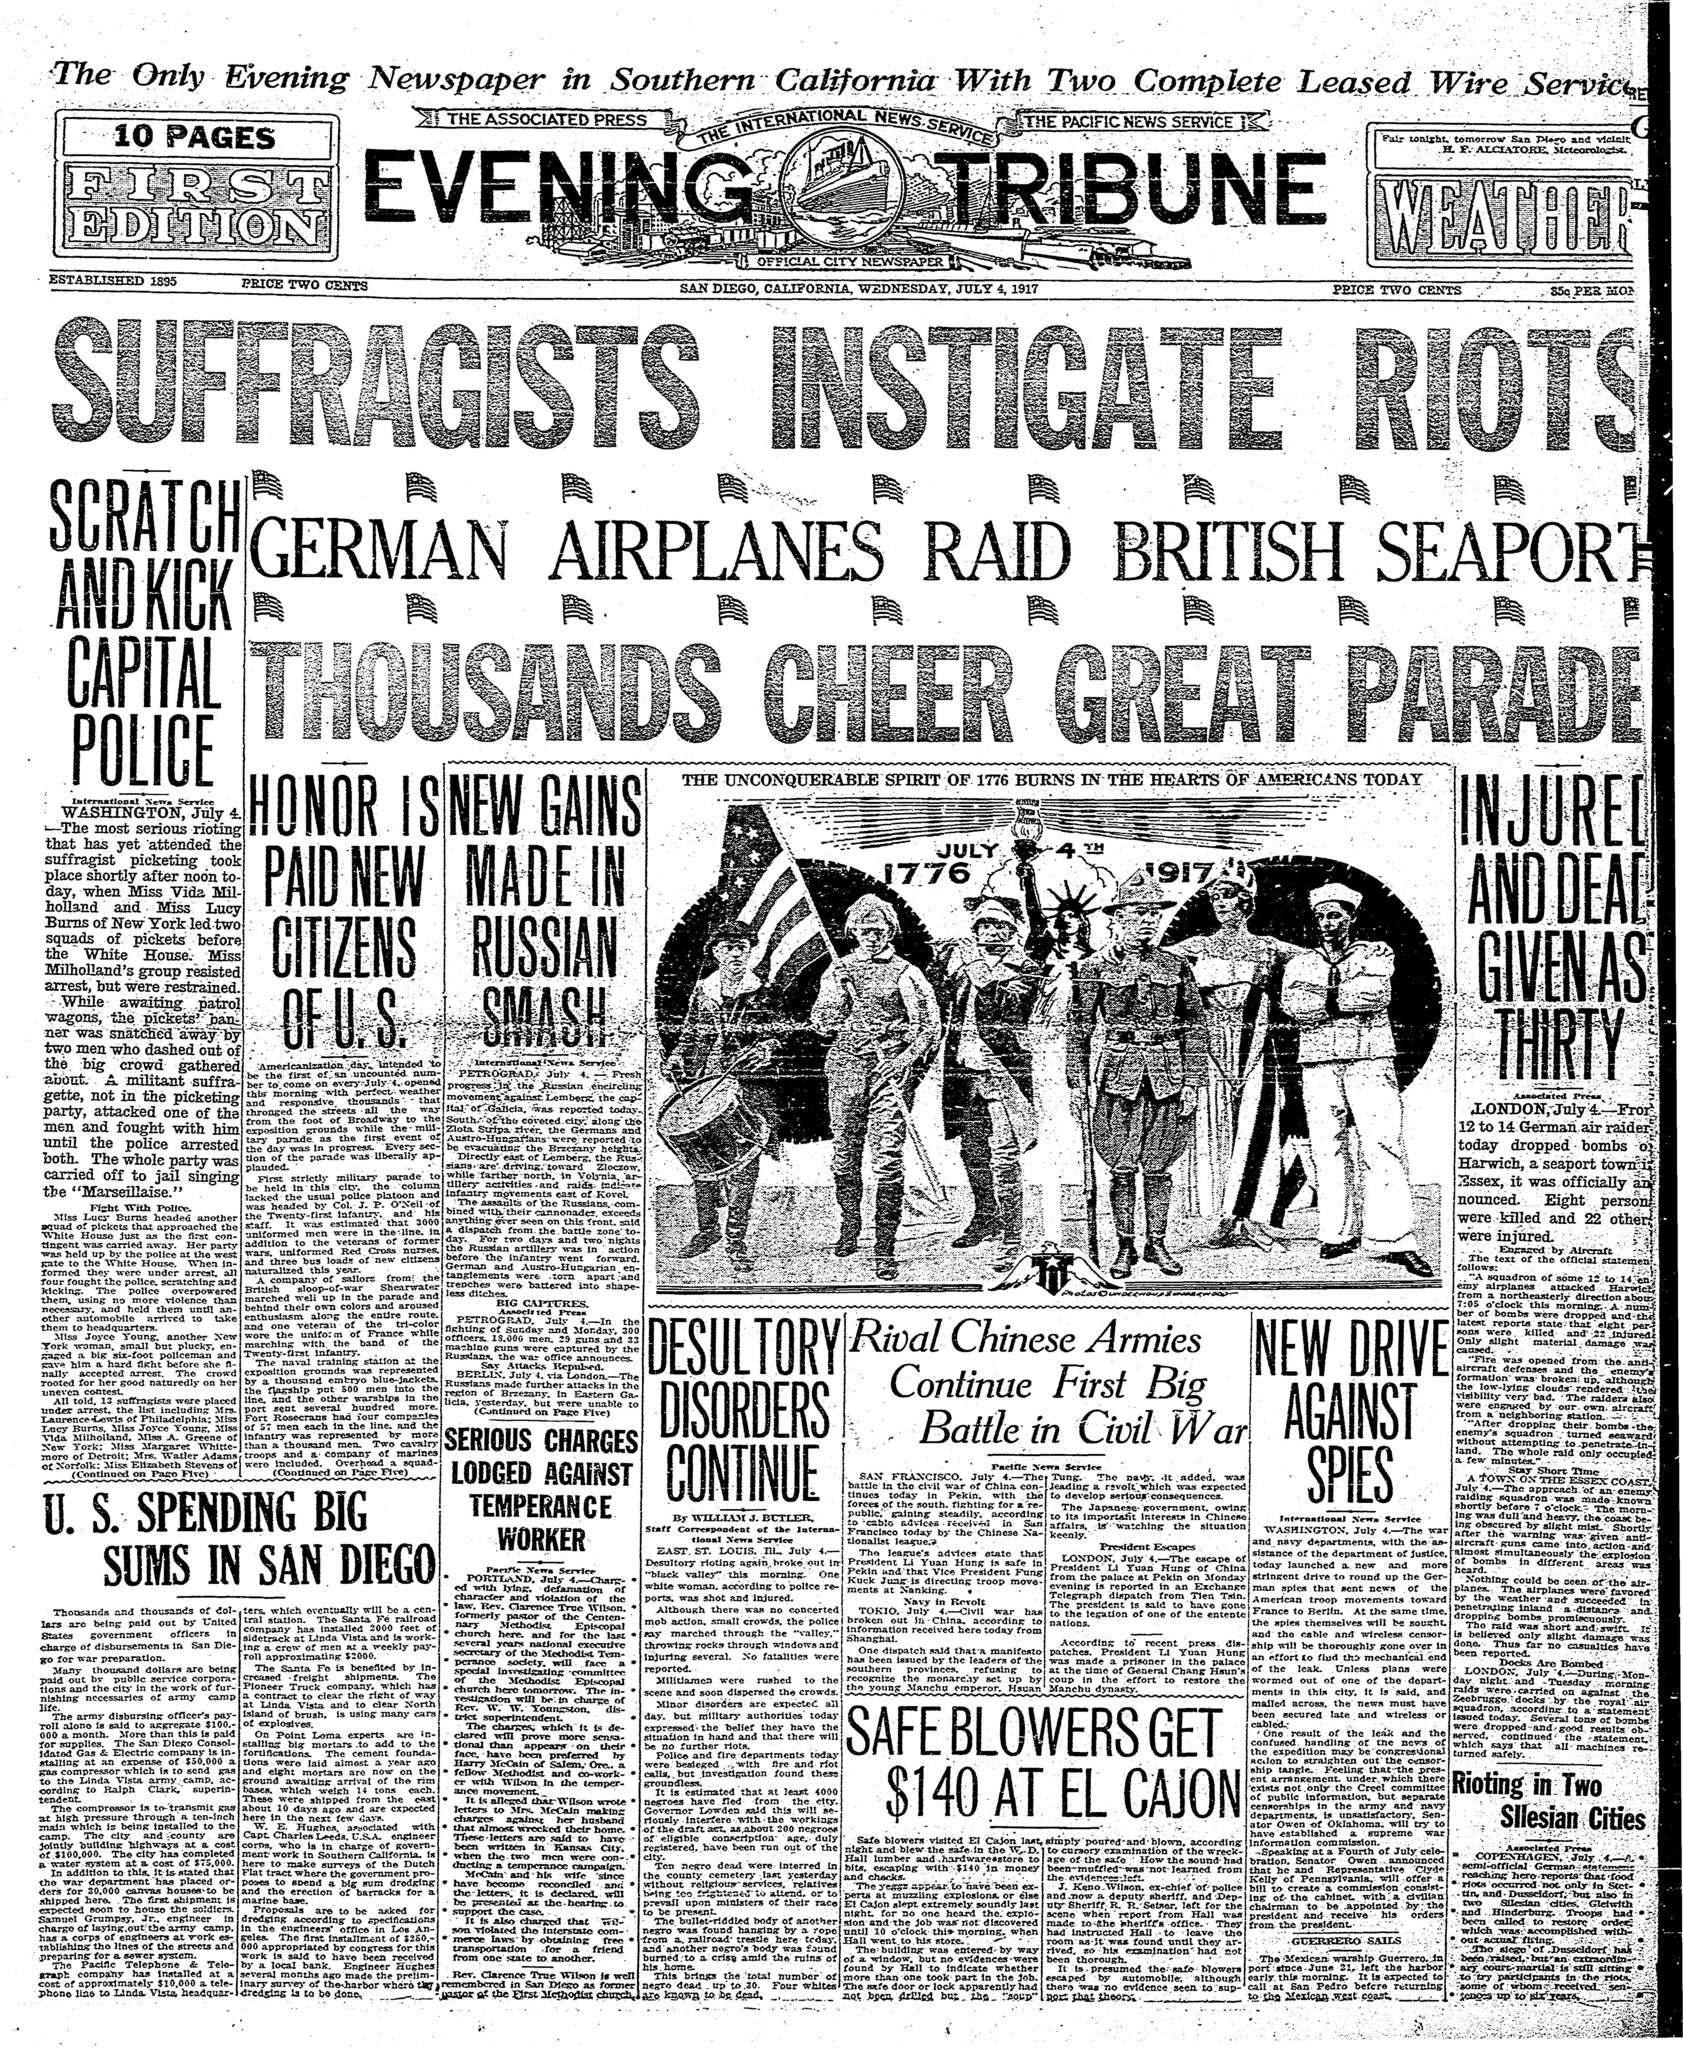 July 4, 1917